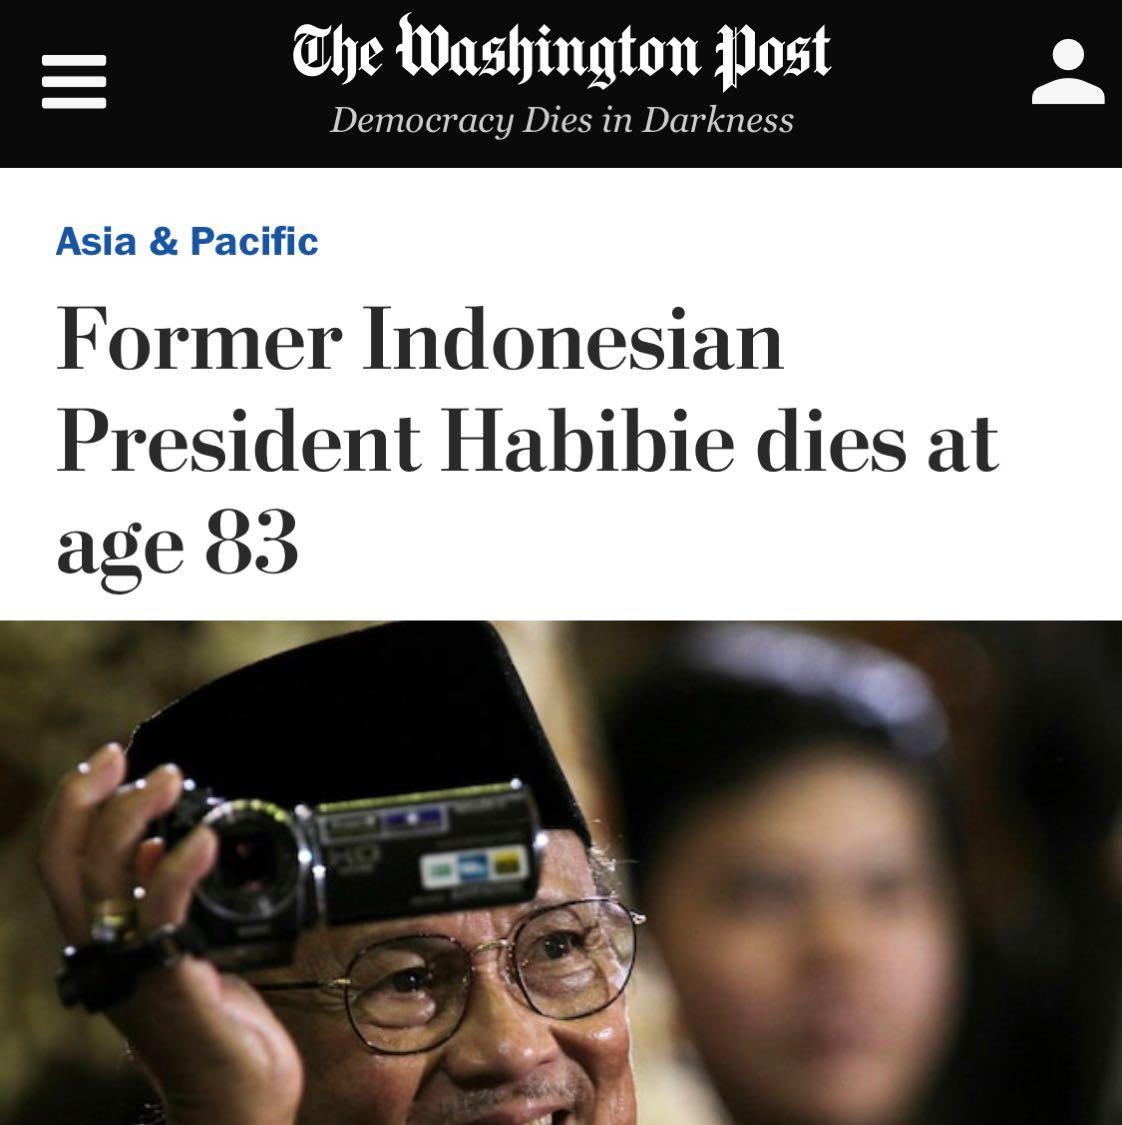 Berita berpulangnya BJ Habibie di situs The Washington Post